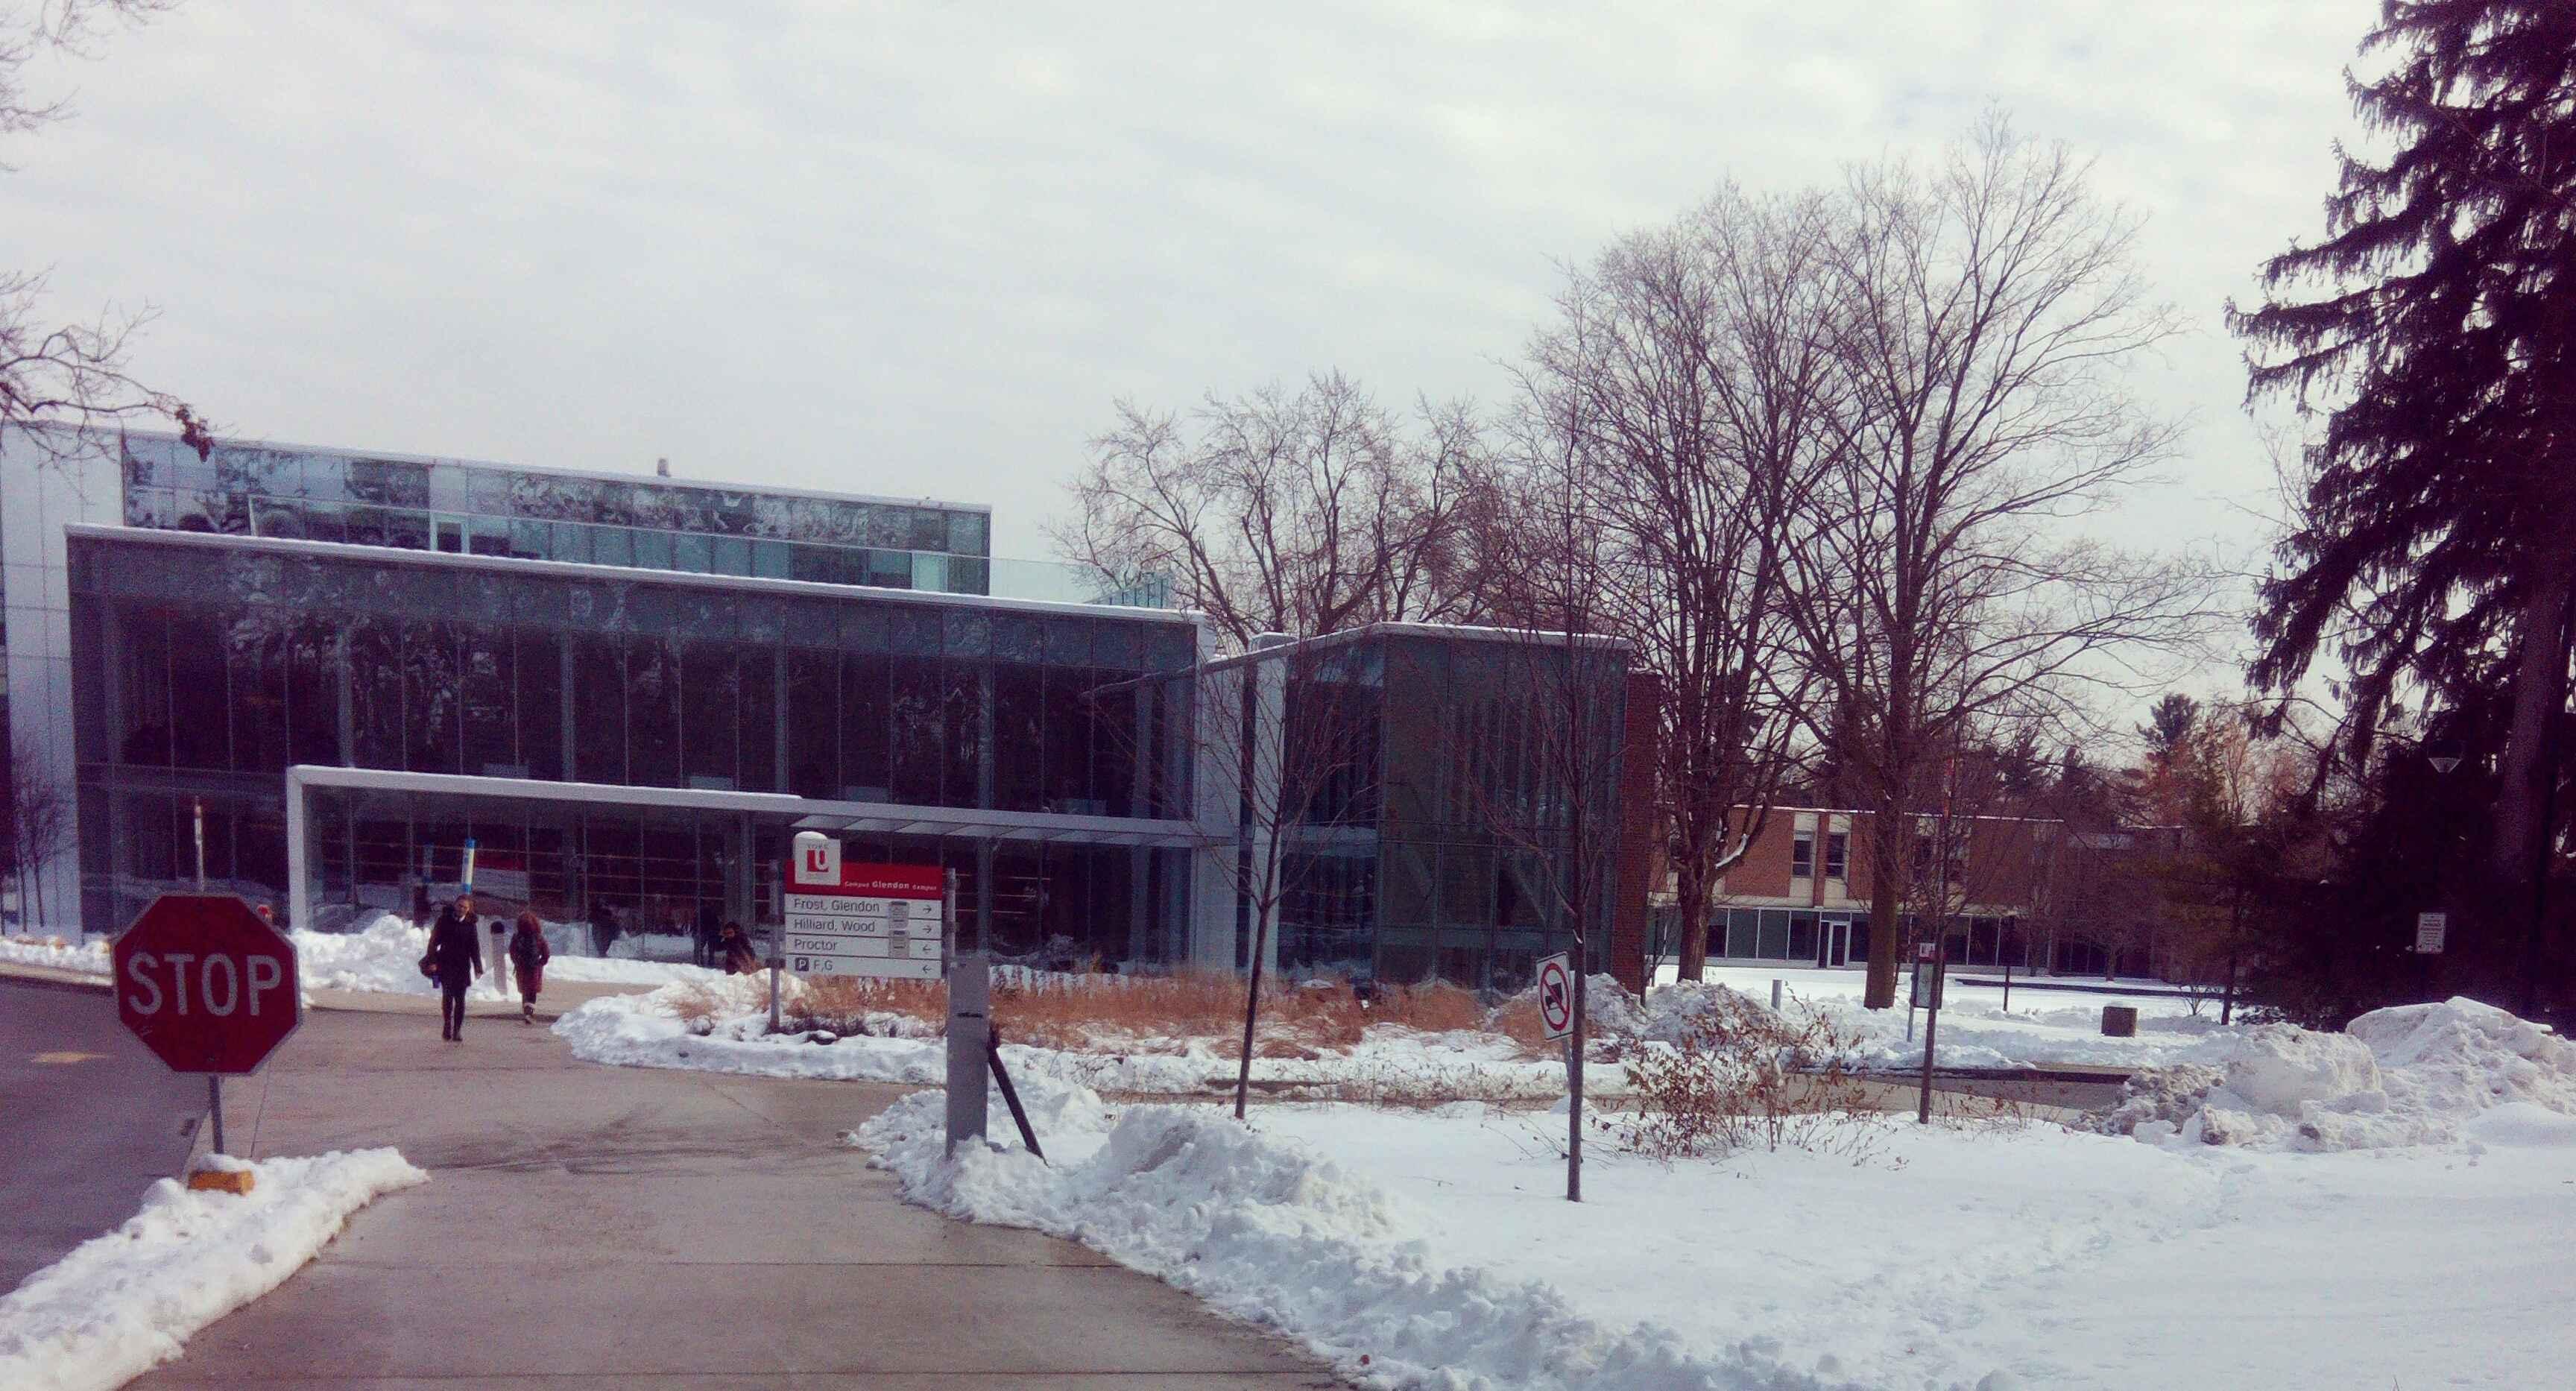 Le campus Glendon de l'Université York.